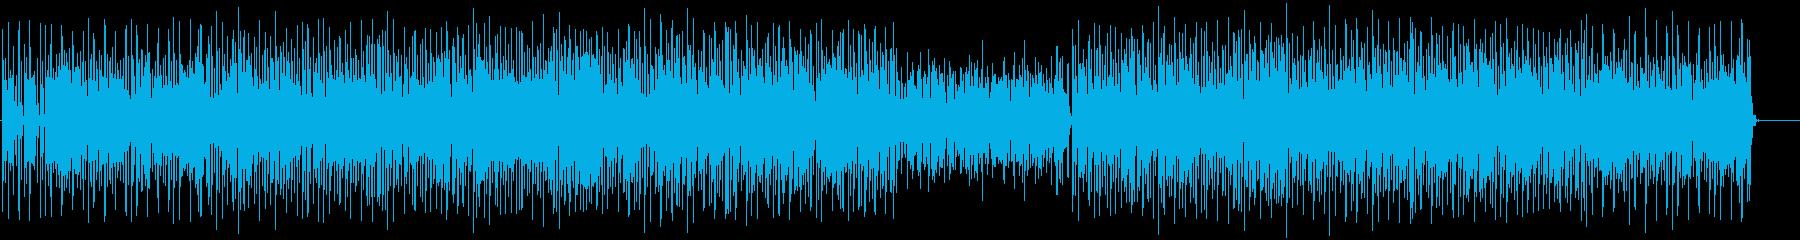 お洒落なエレクトロポップの再生済みの波形